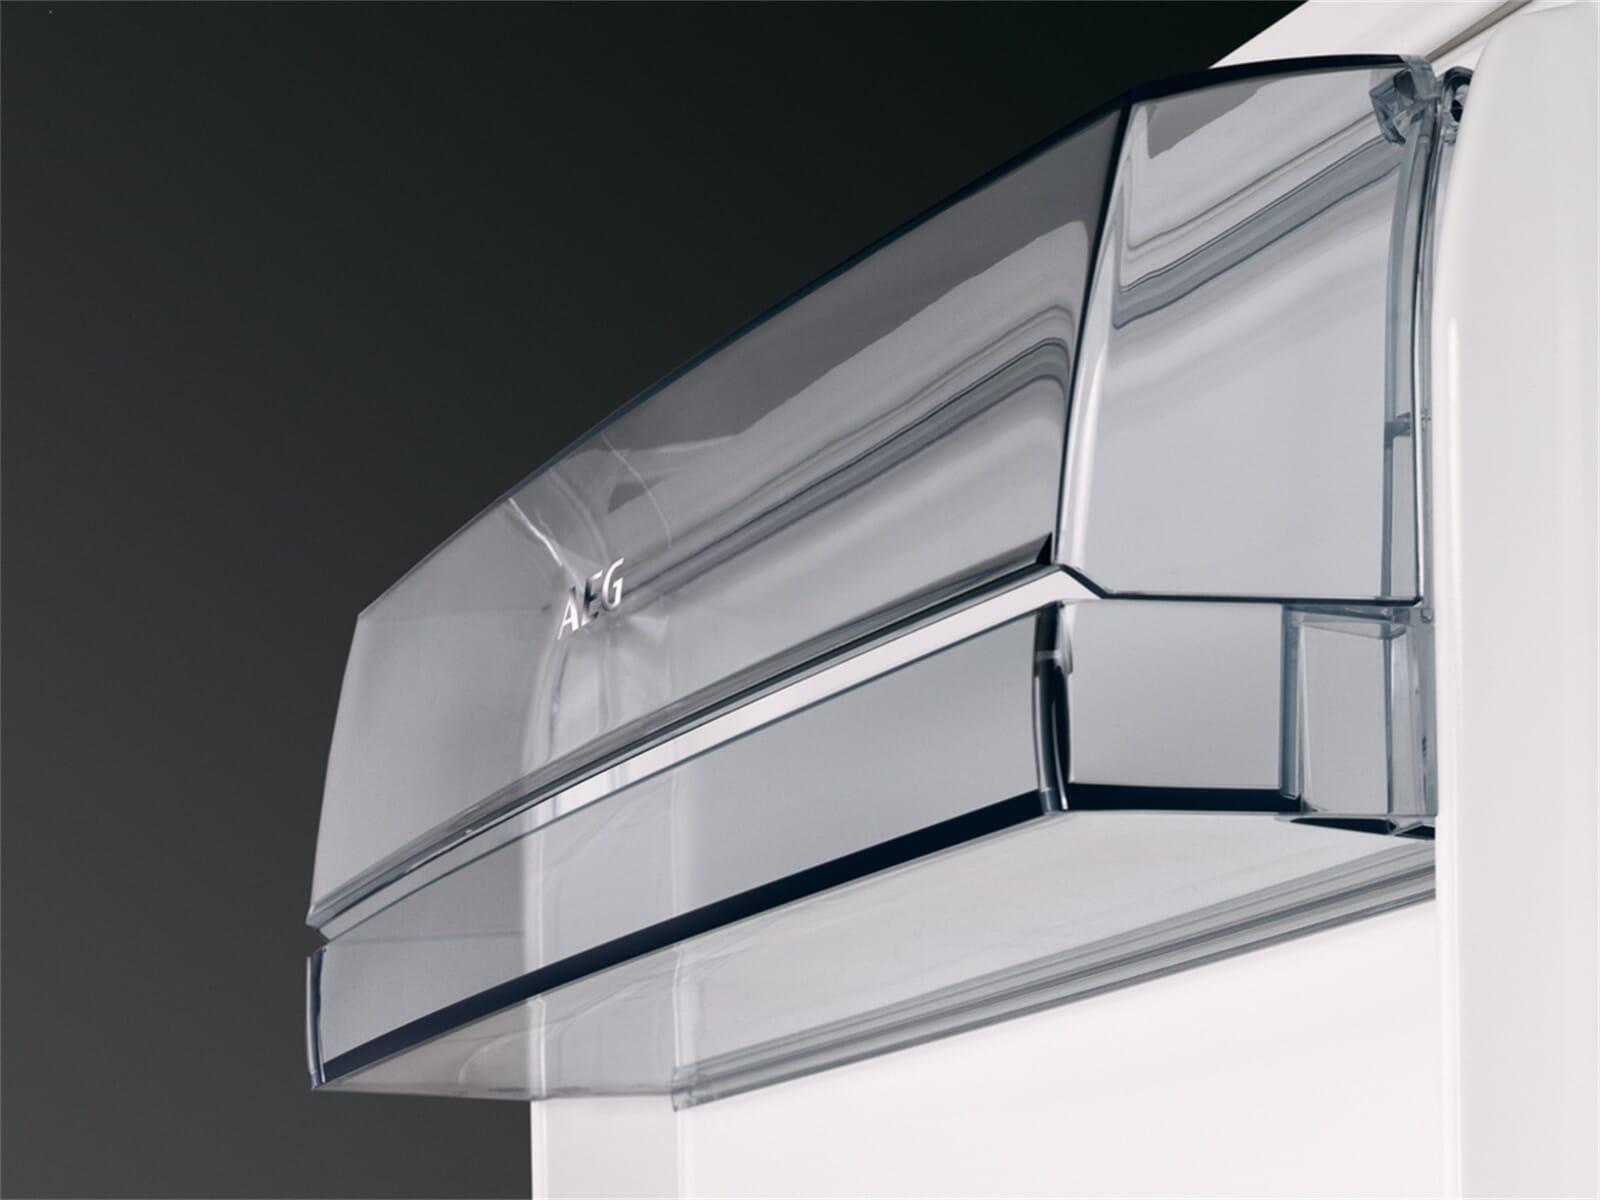 Aeg Kühlschrank 158 Cm : Aeg scb51621ls einbau kühl gefrierkombination